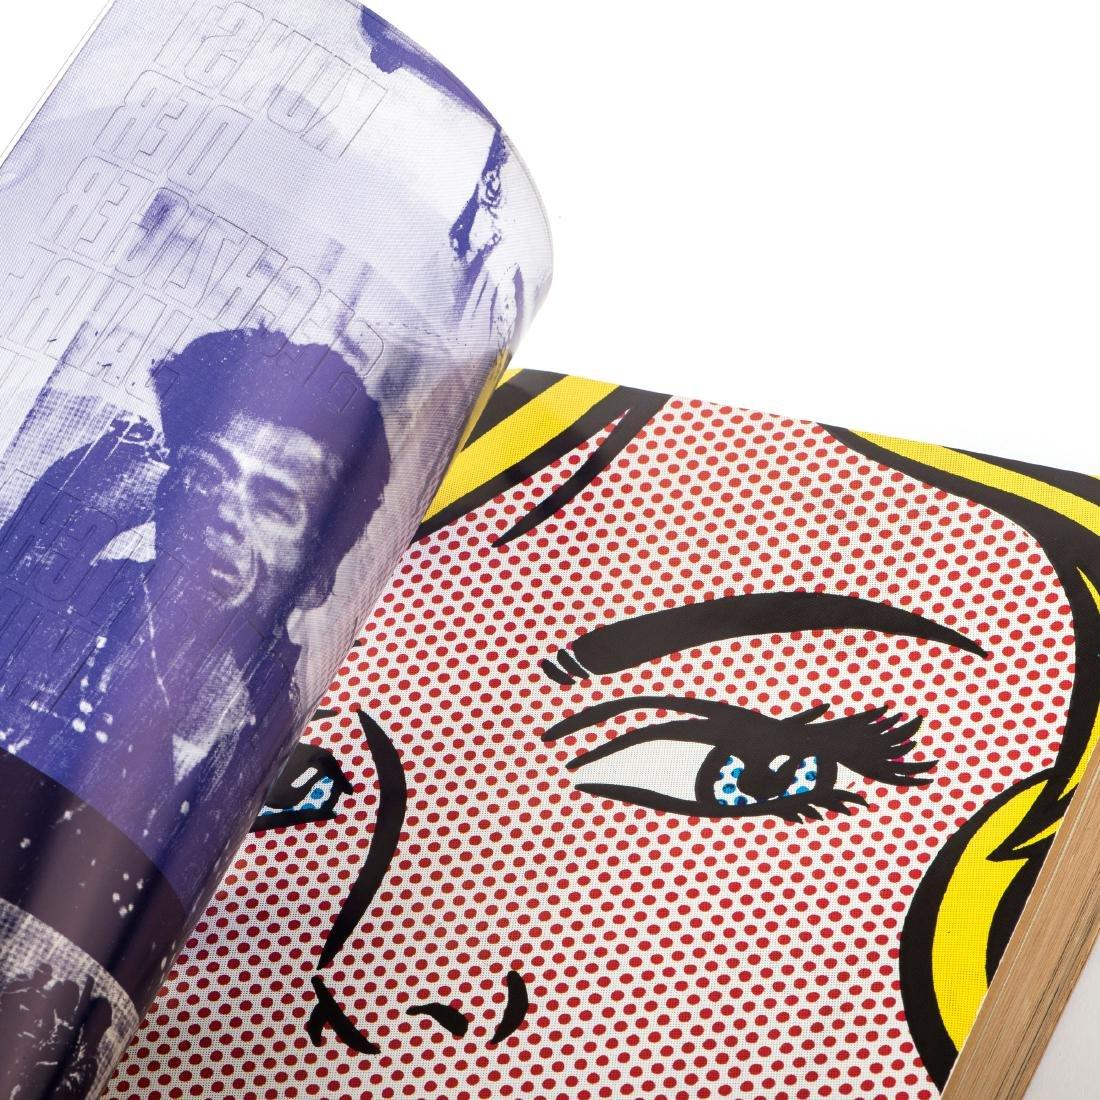 'Kunst der sechziger Jahre - Sammlung Ludwig im